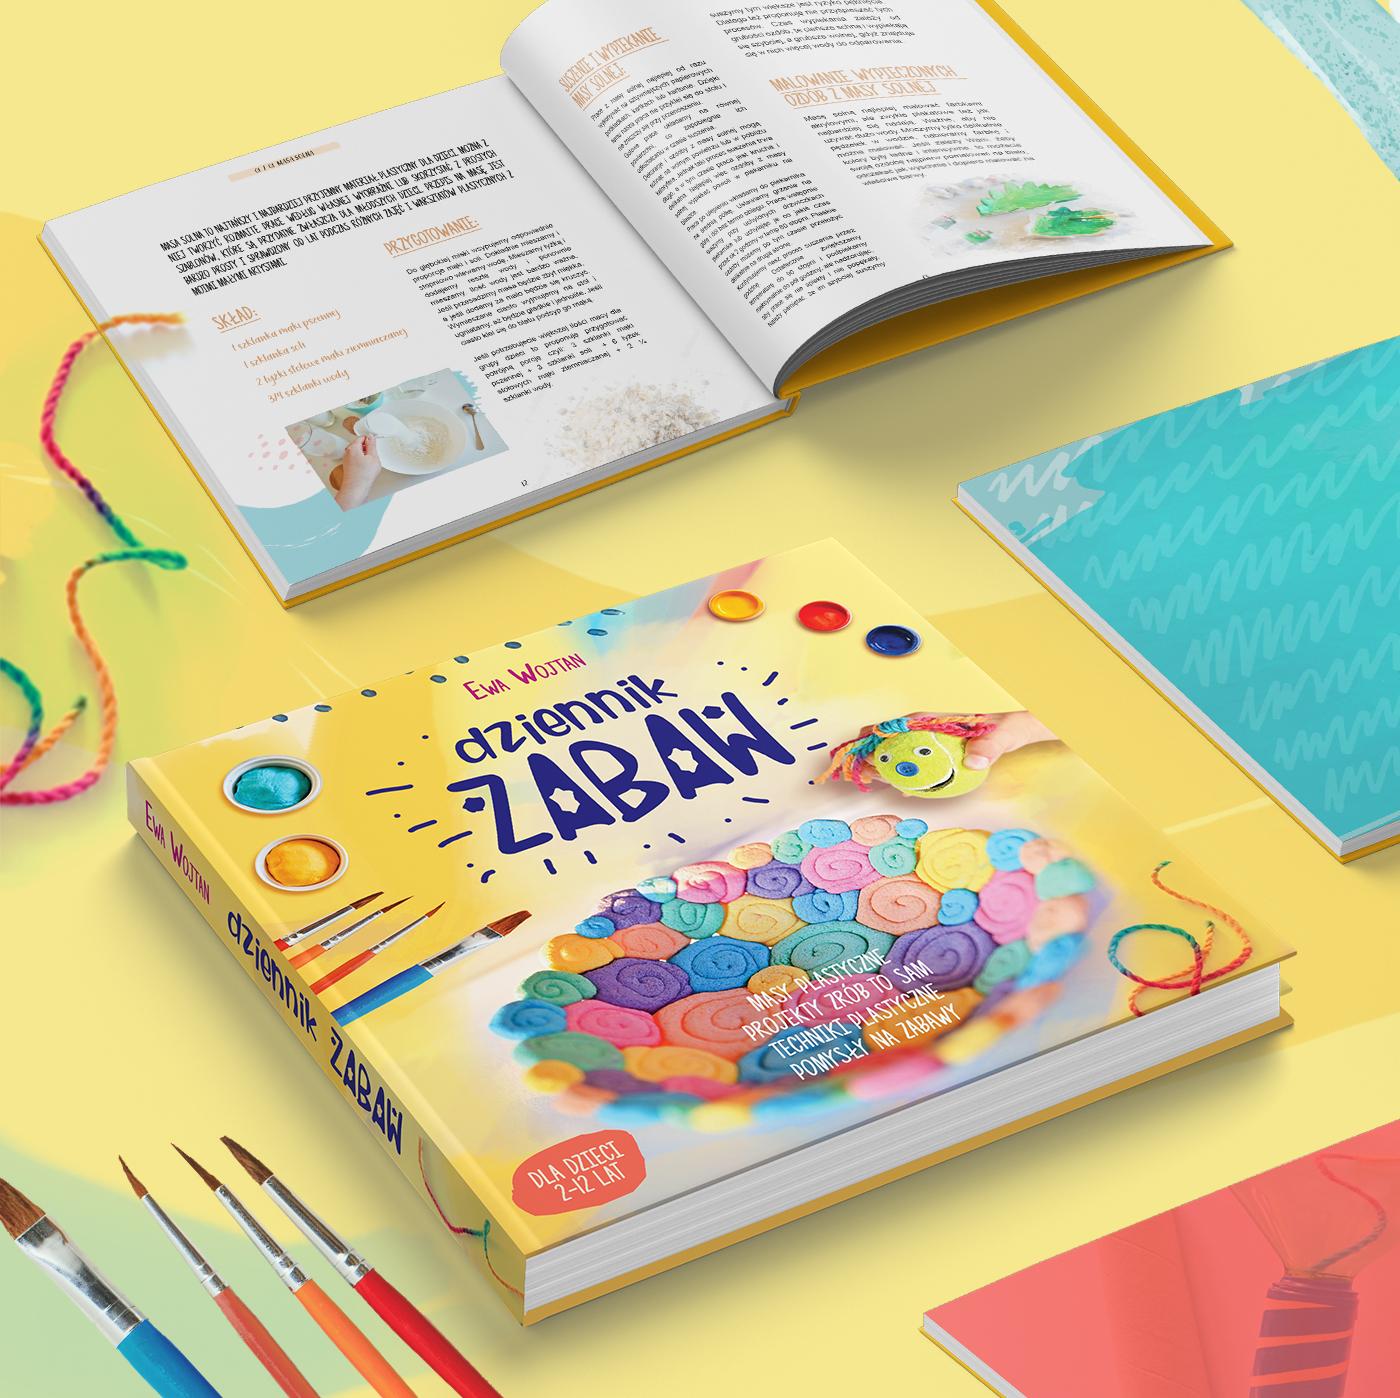 książka z zabawami dla dzieci, dziennik zabaw, ewa wojtan, moje dzieci kreatywnie